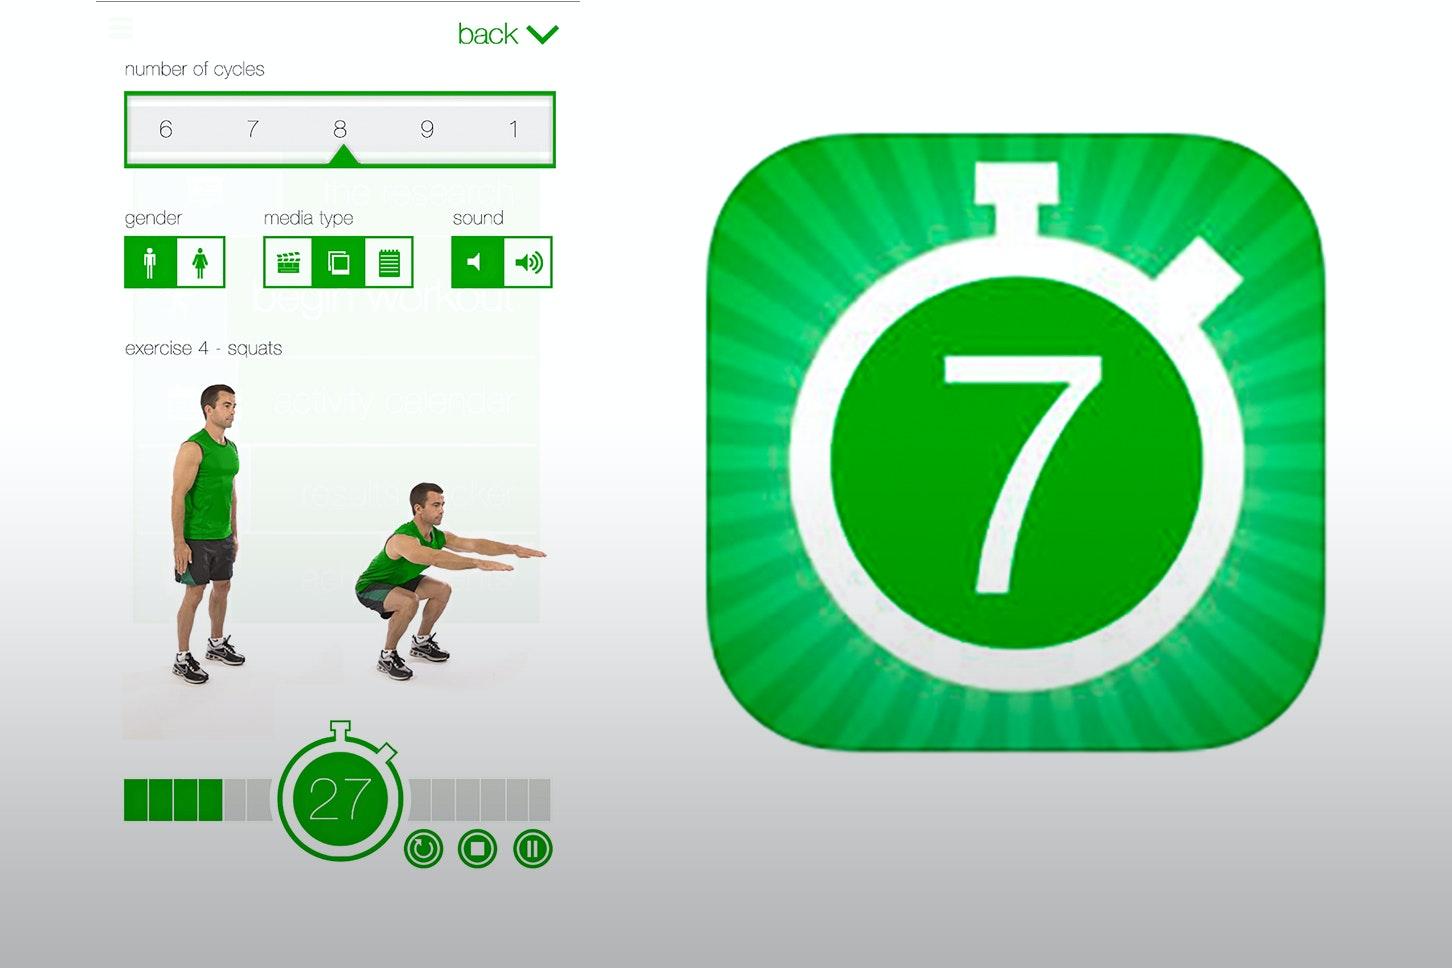 træningsprogram app